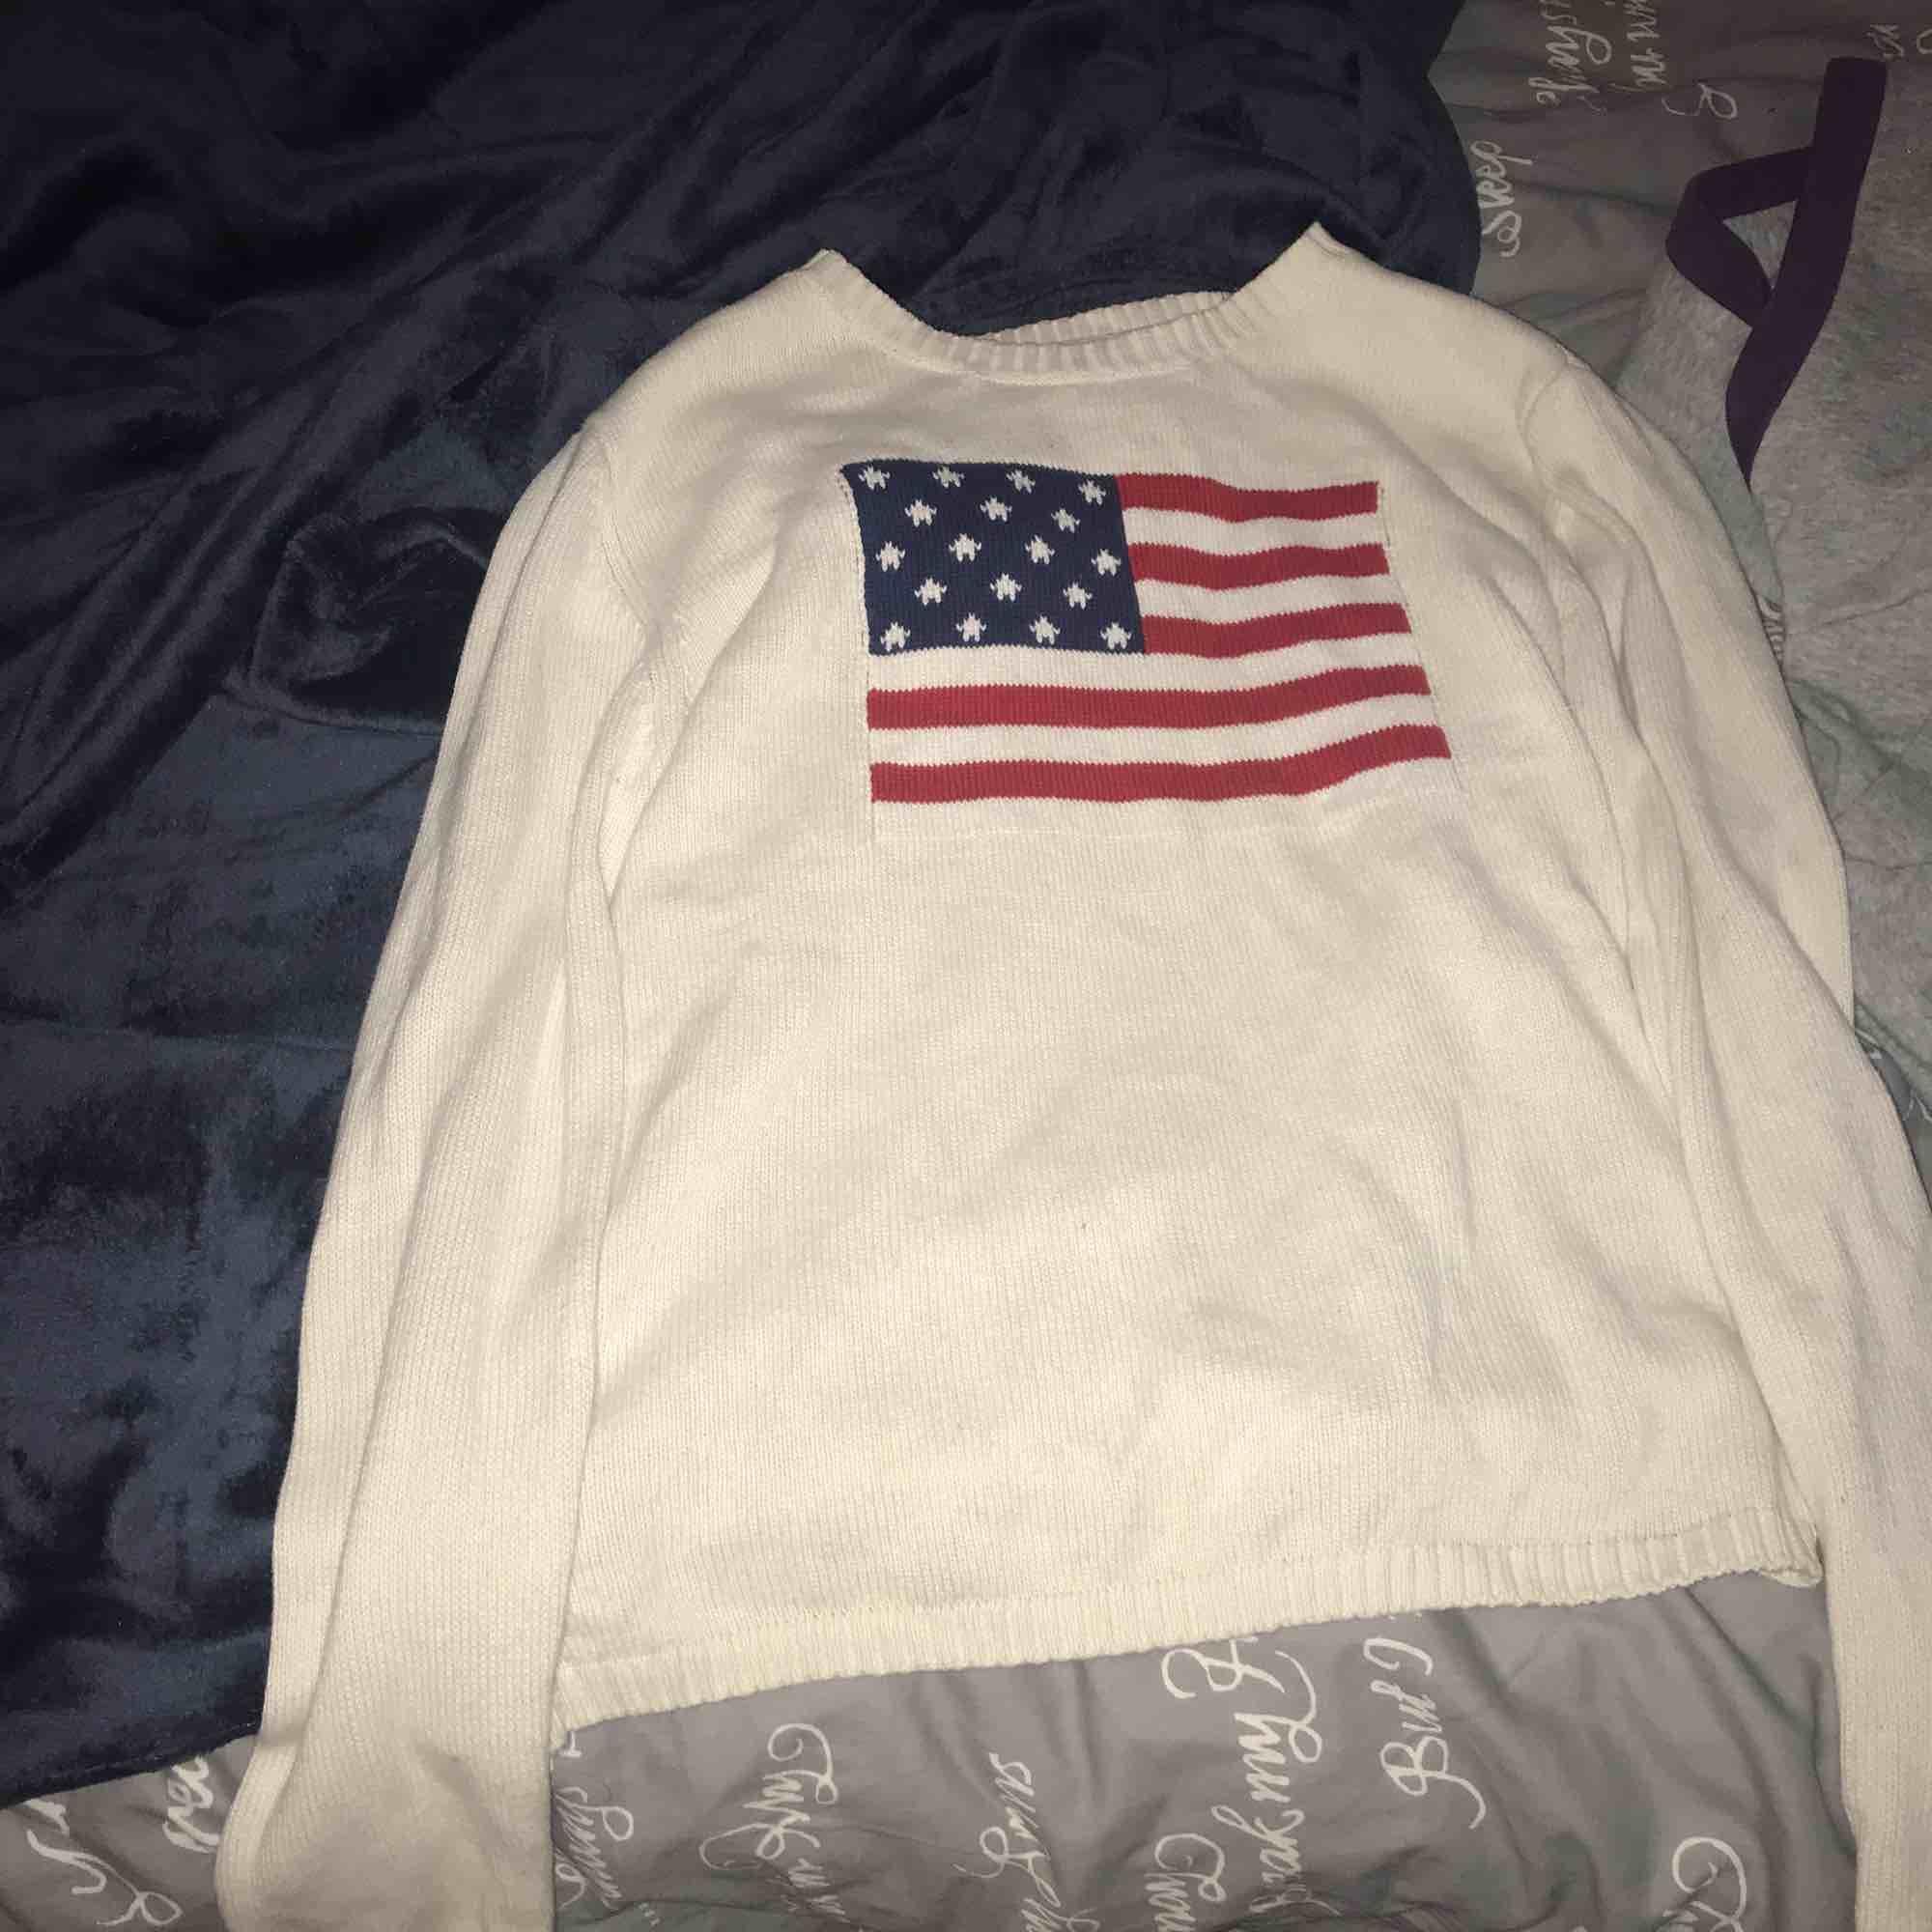 Säljer en vit tröja med ganska tjockt materia men väldigt skönt , plagget är från club xprs. Övrigt.